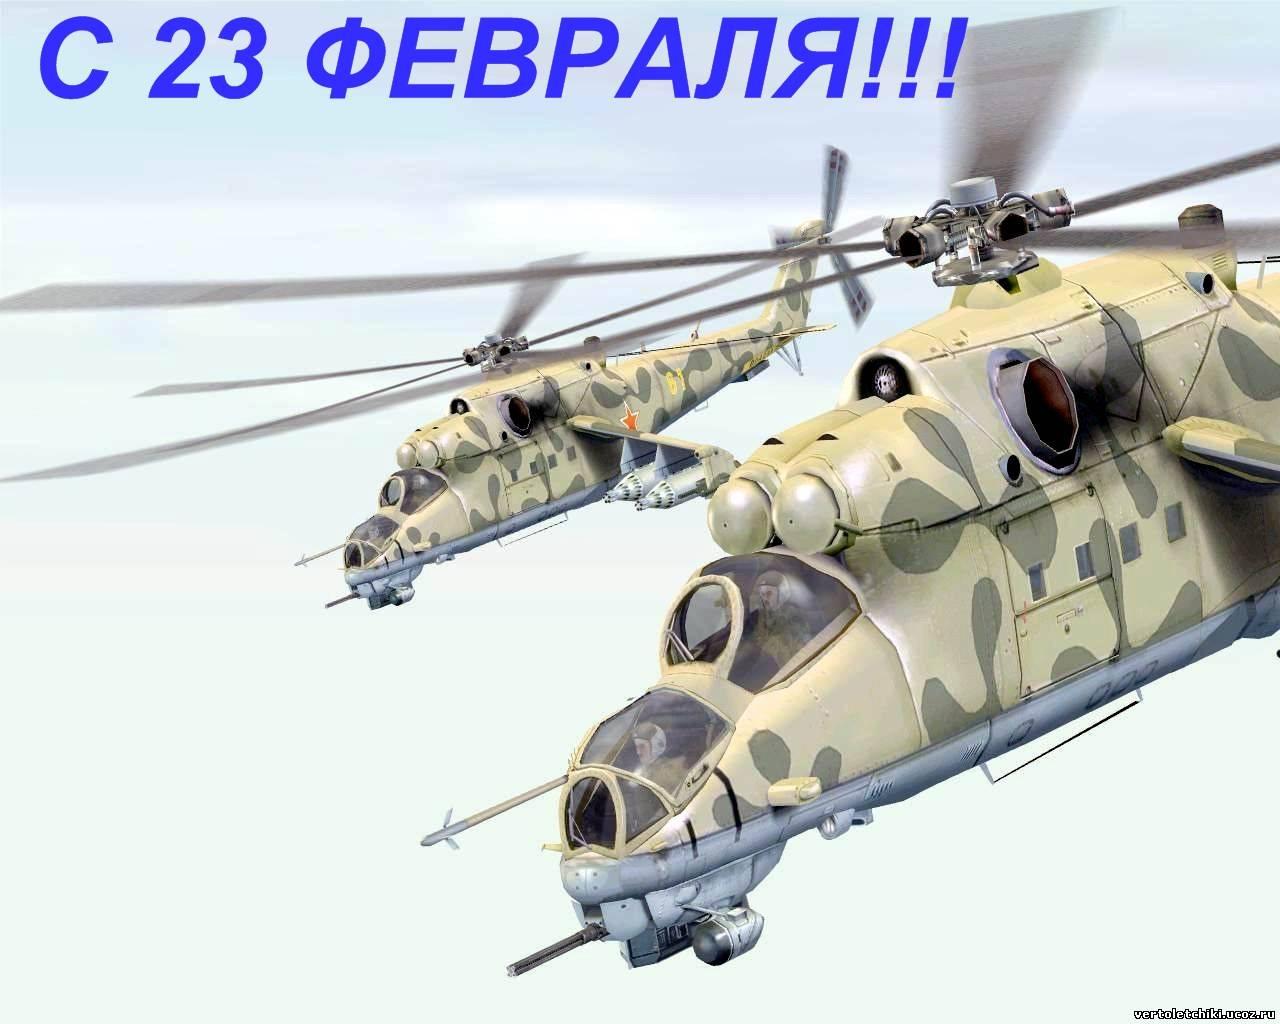 Вертолет с поздравлениями